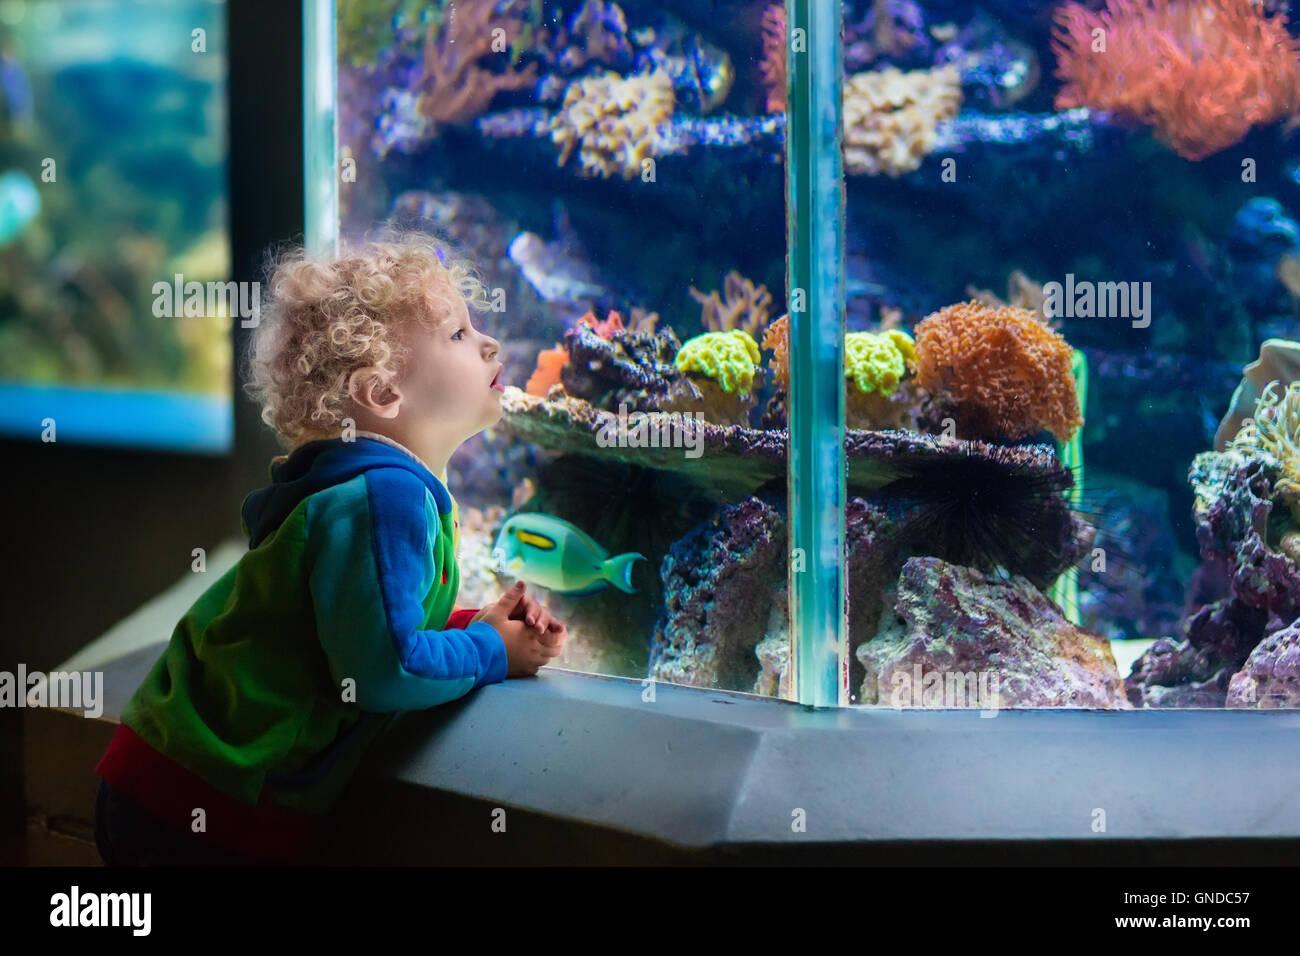 Chico viendo peces de coral tropical en gran depósito de vida marina. Los chicos en el Zoo Aquarium. Imagen De Stock